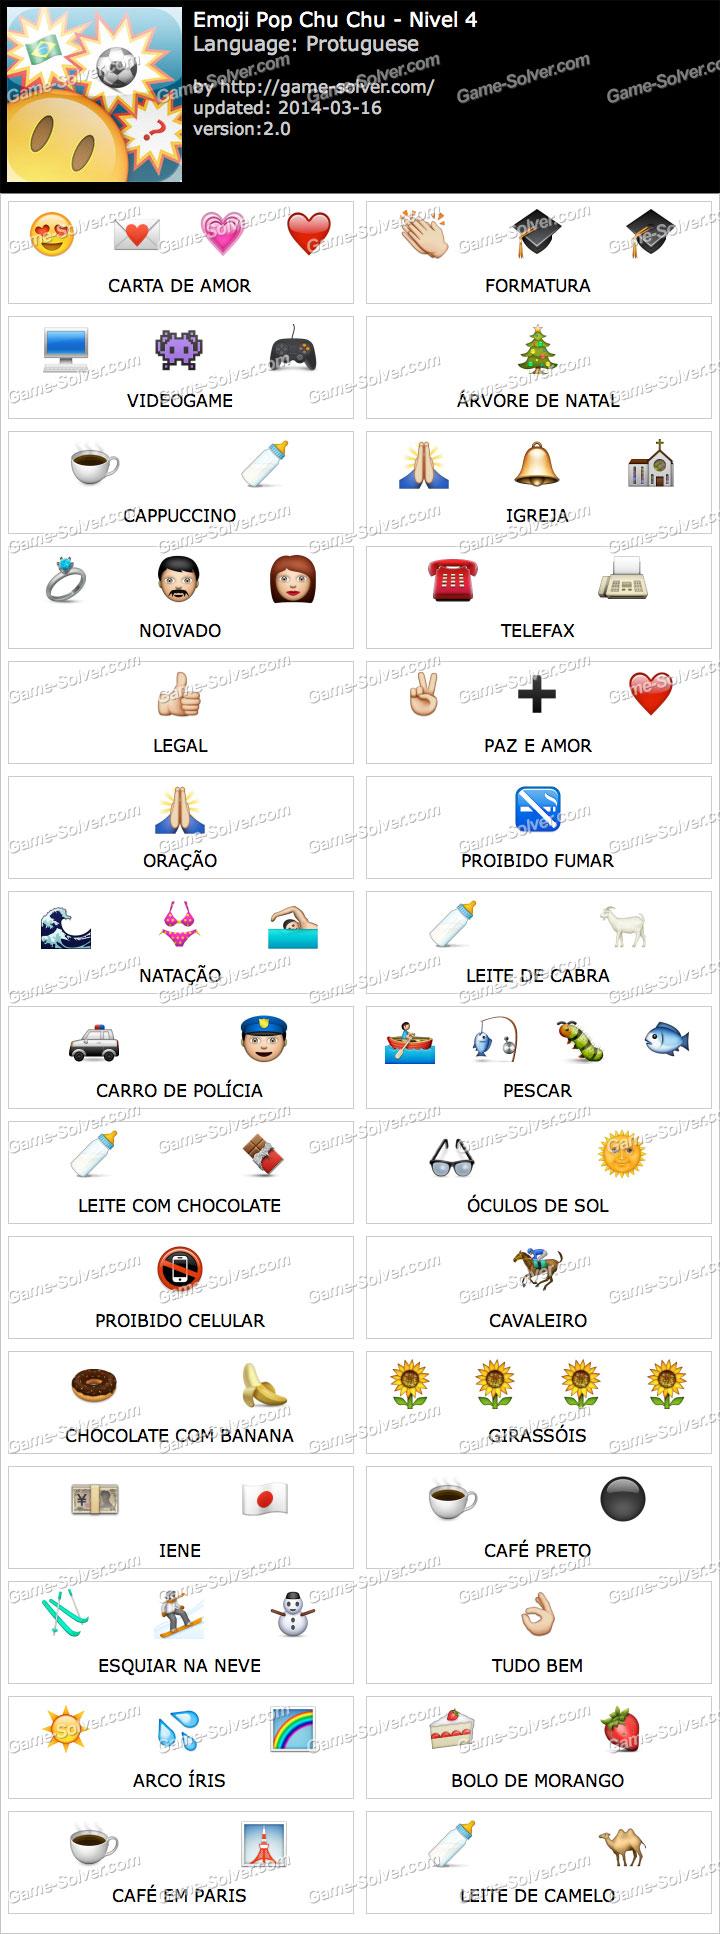 Emoji ChuChu Nivel 4